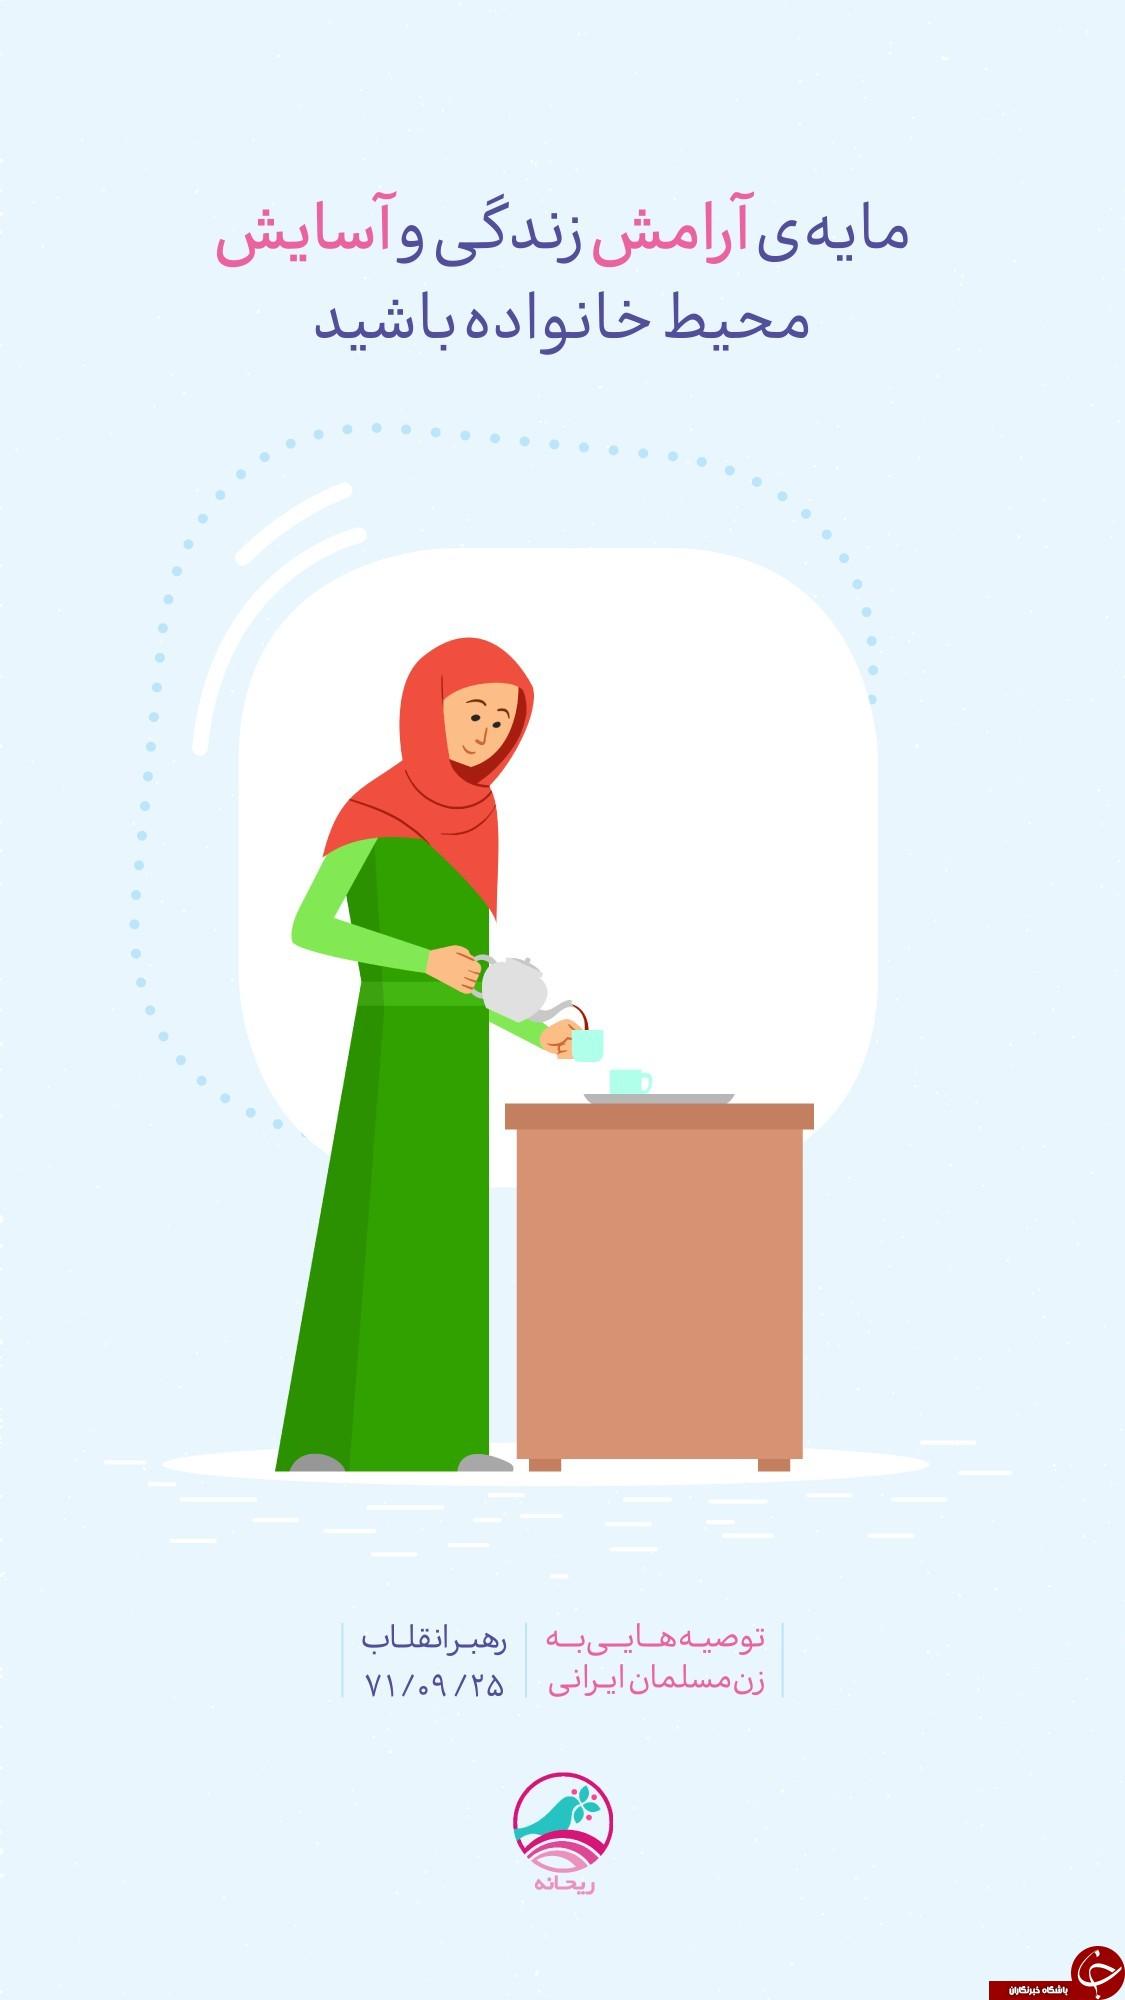 توصیههای رهبر انقلاب به زن مسلمان ایرانی +تصاویر